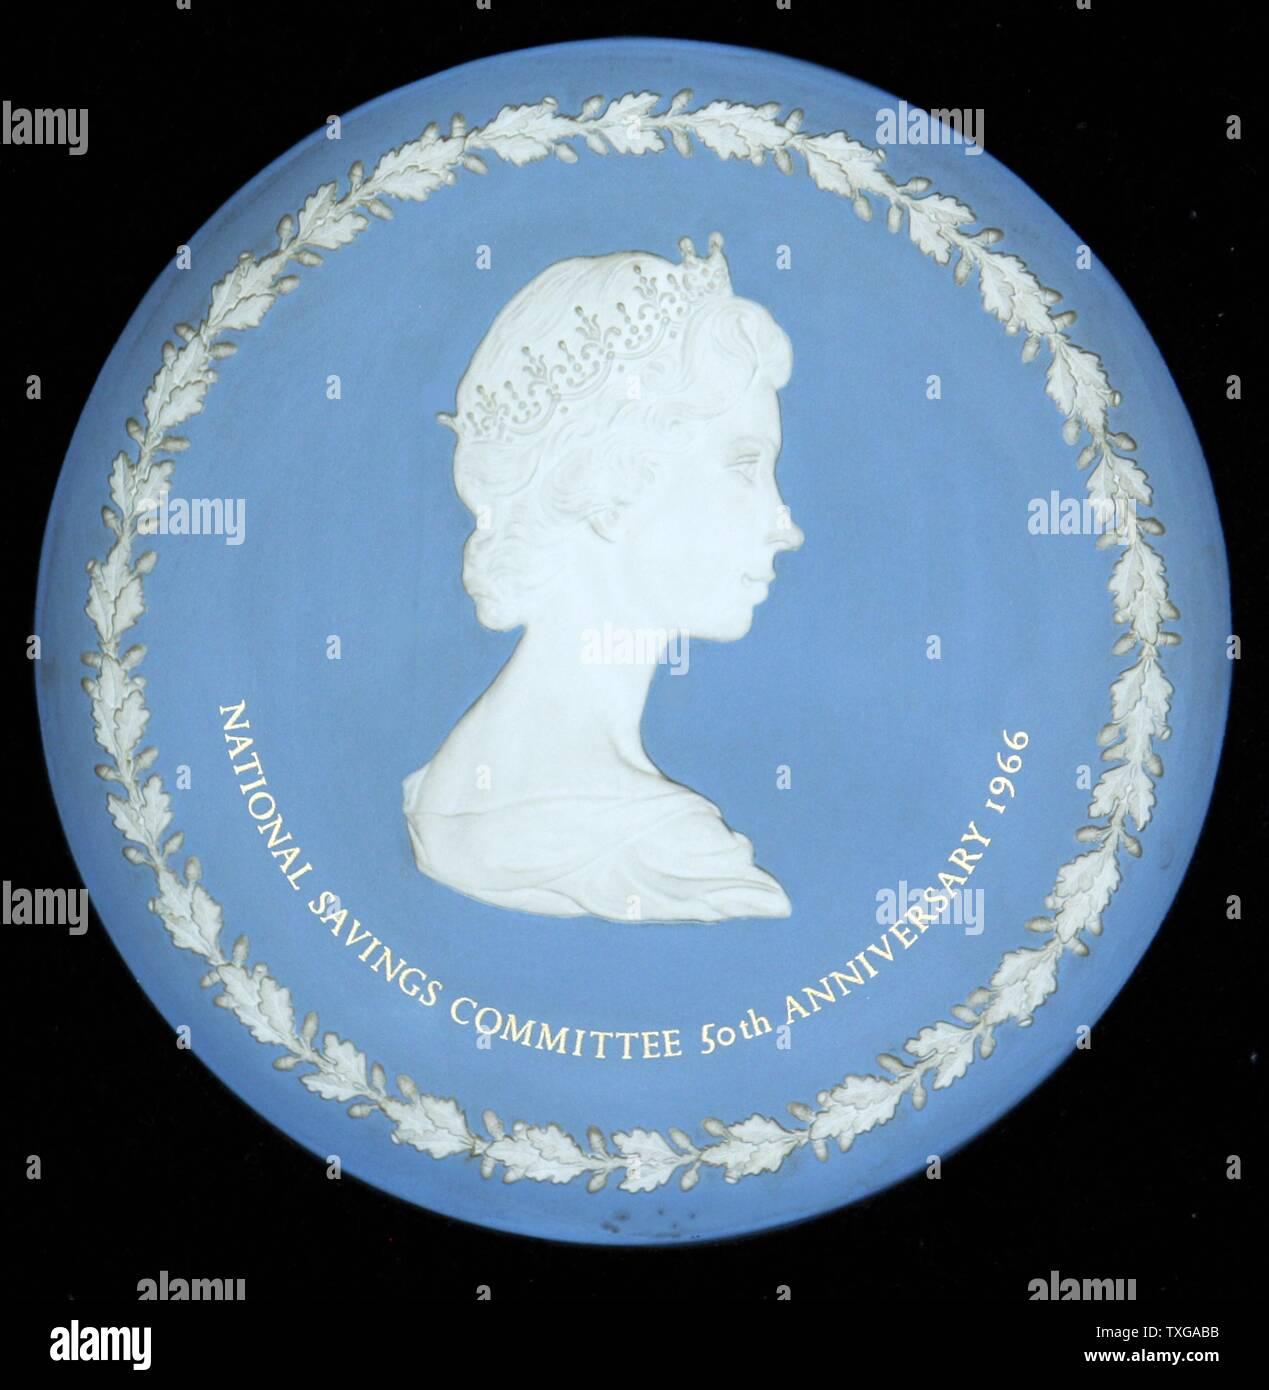 Queen Elizabeth Ii Profile Stock Photos & Queen Elizabeth Ii